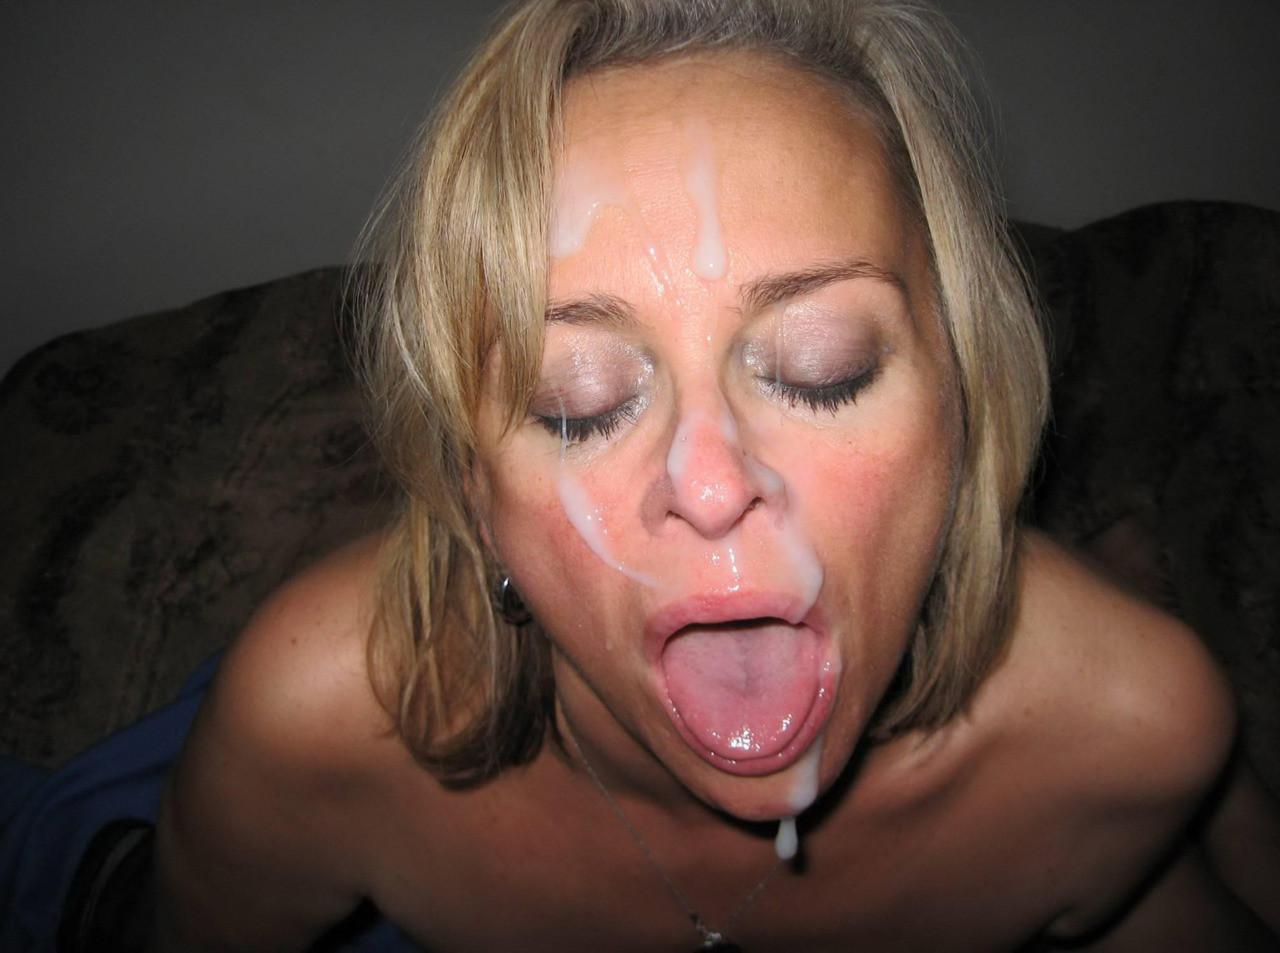 Фото женщина со спермой на лице, Девушки со спермой на лице Похожие порно фото 27 фотография